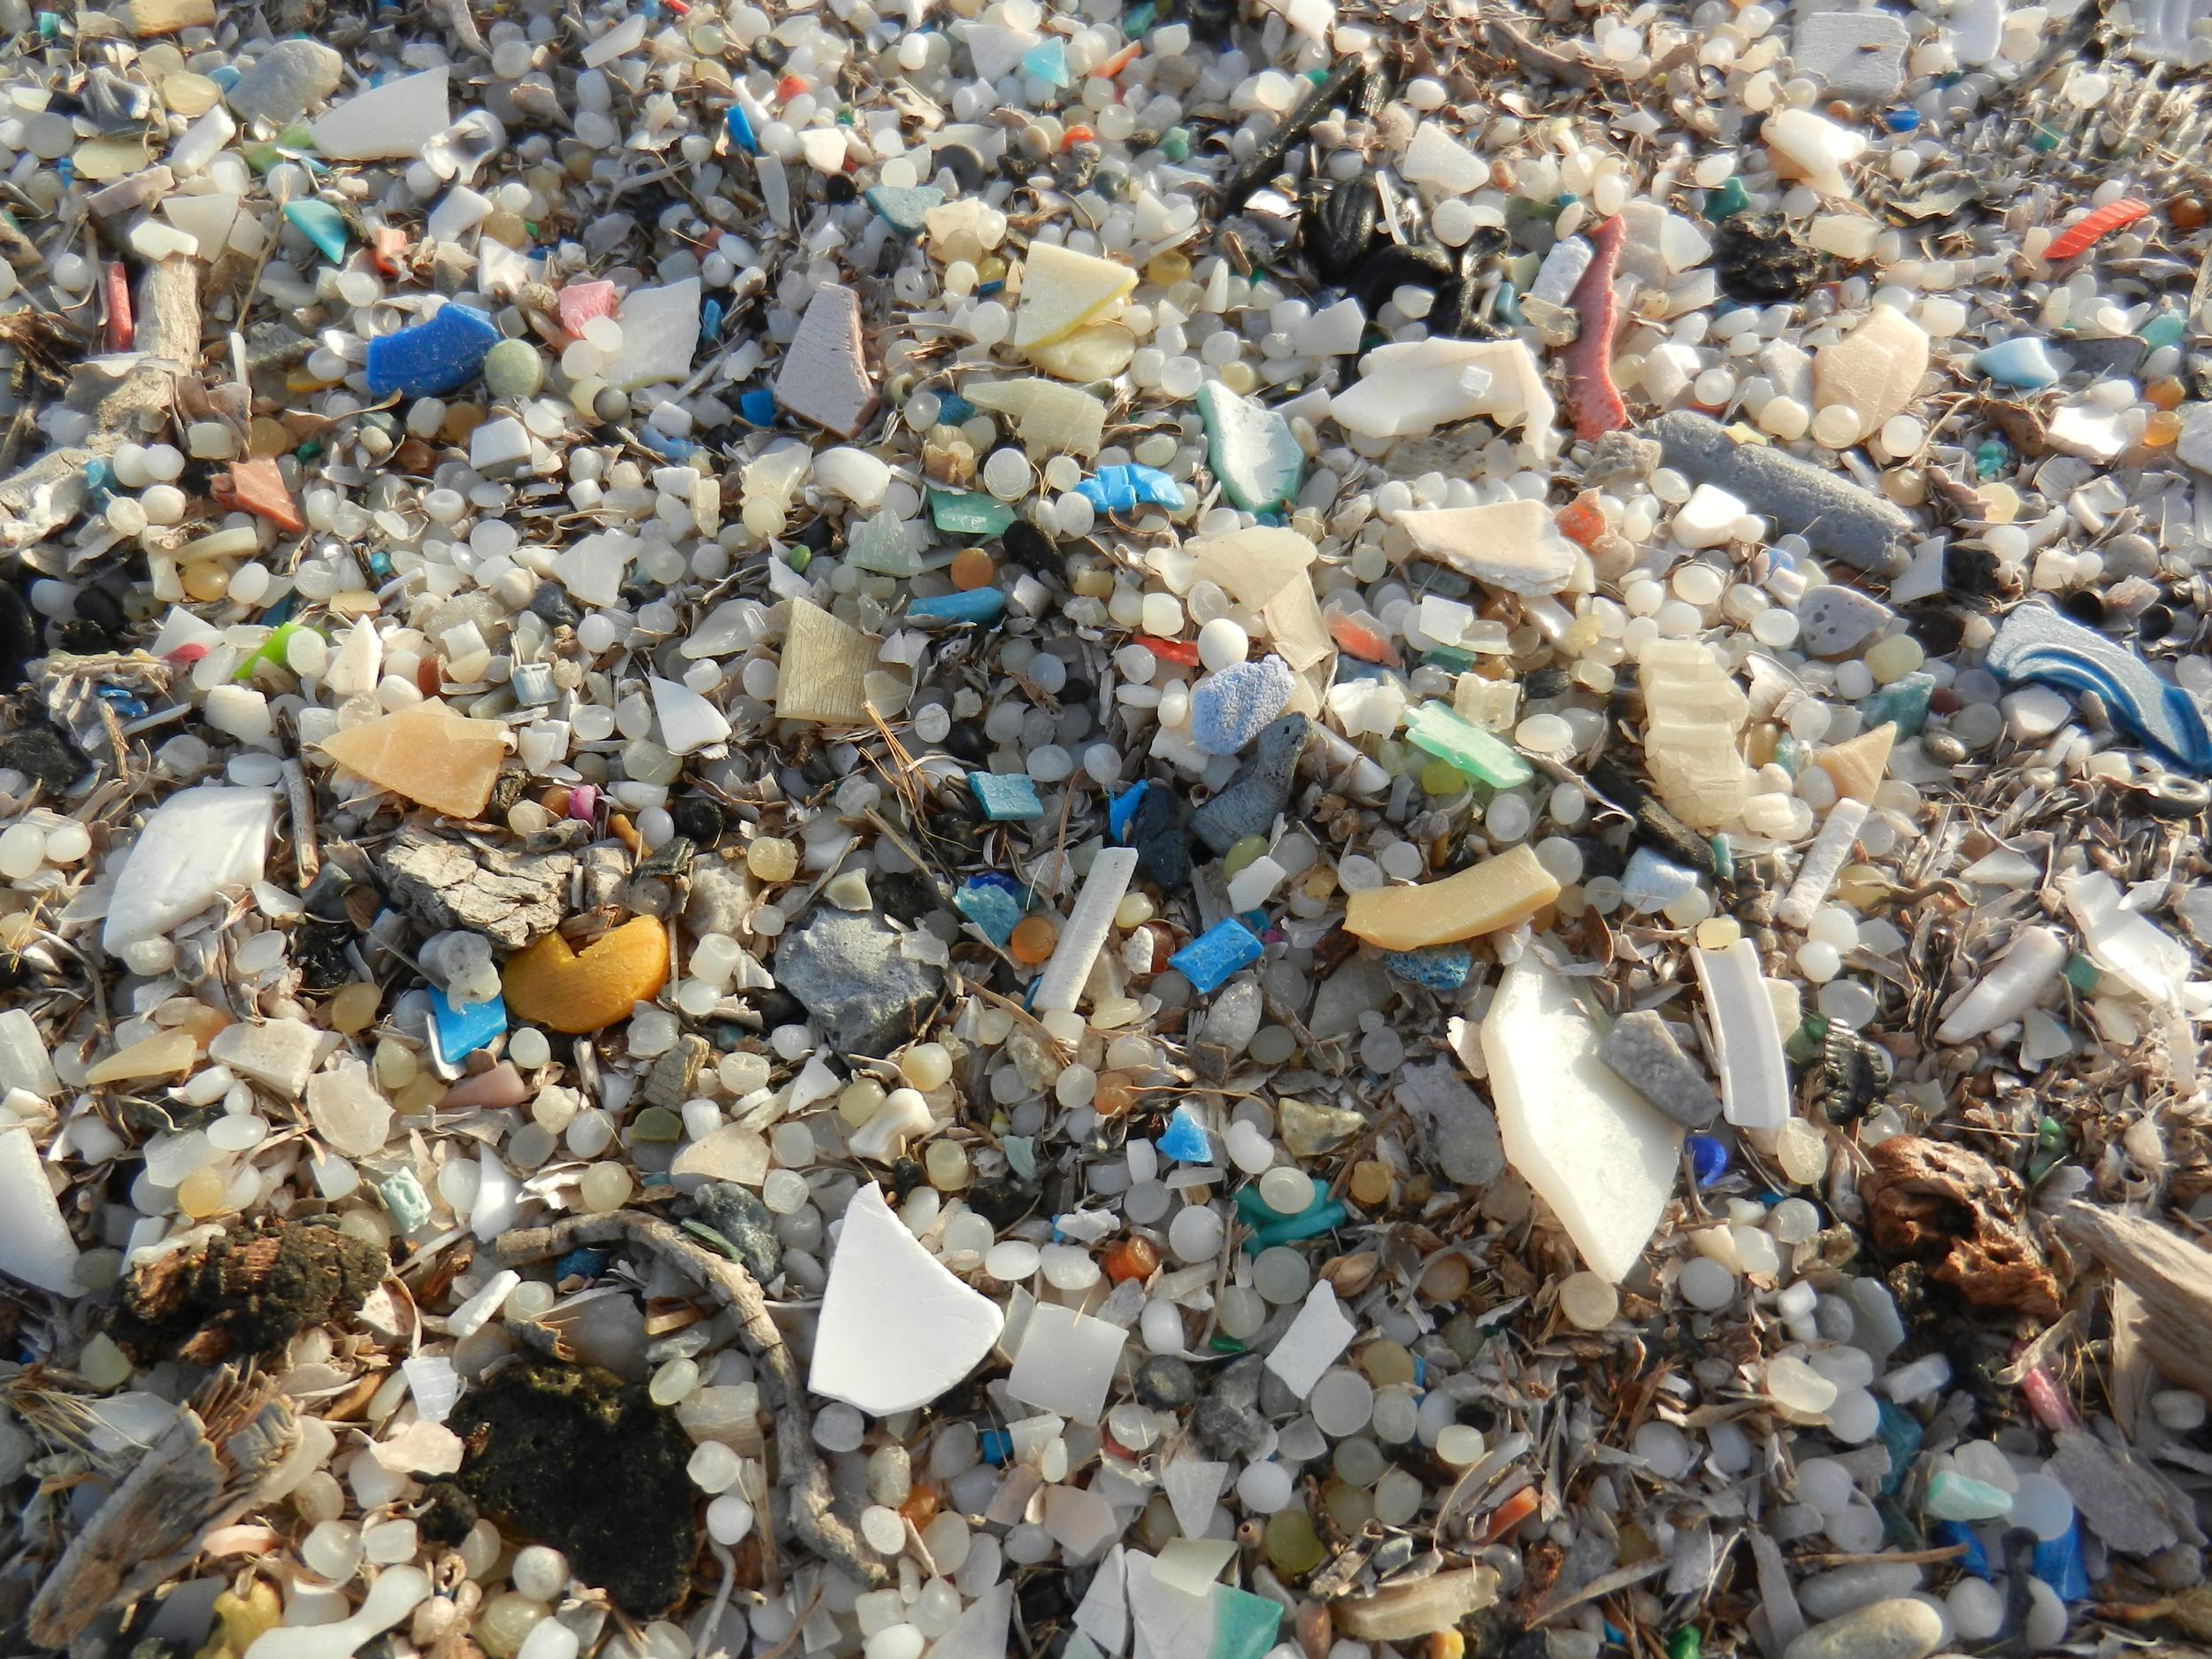 海上燃起大火  岸上的我們如何阻止塑膠危機